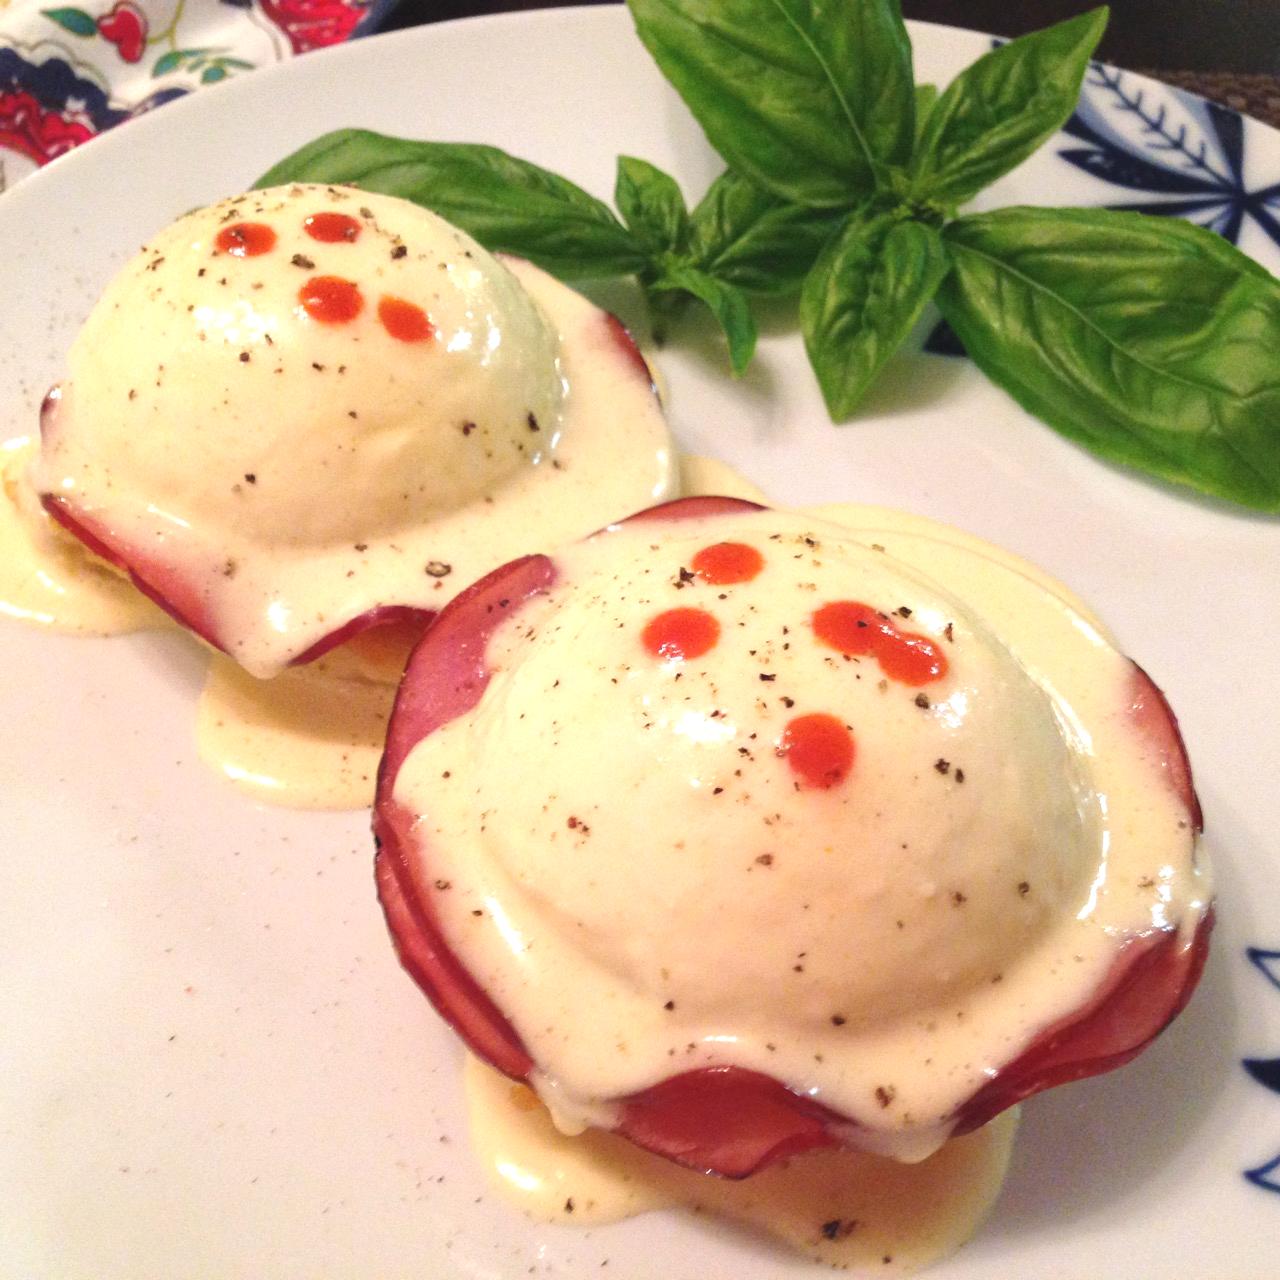 gluten-free blender hollandaise sauce and eggs benedict